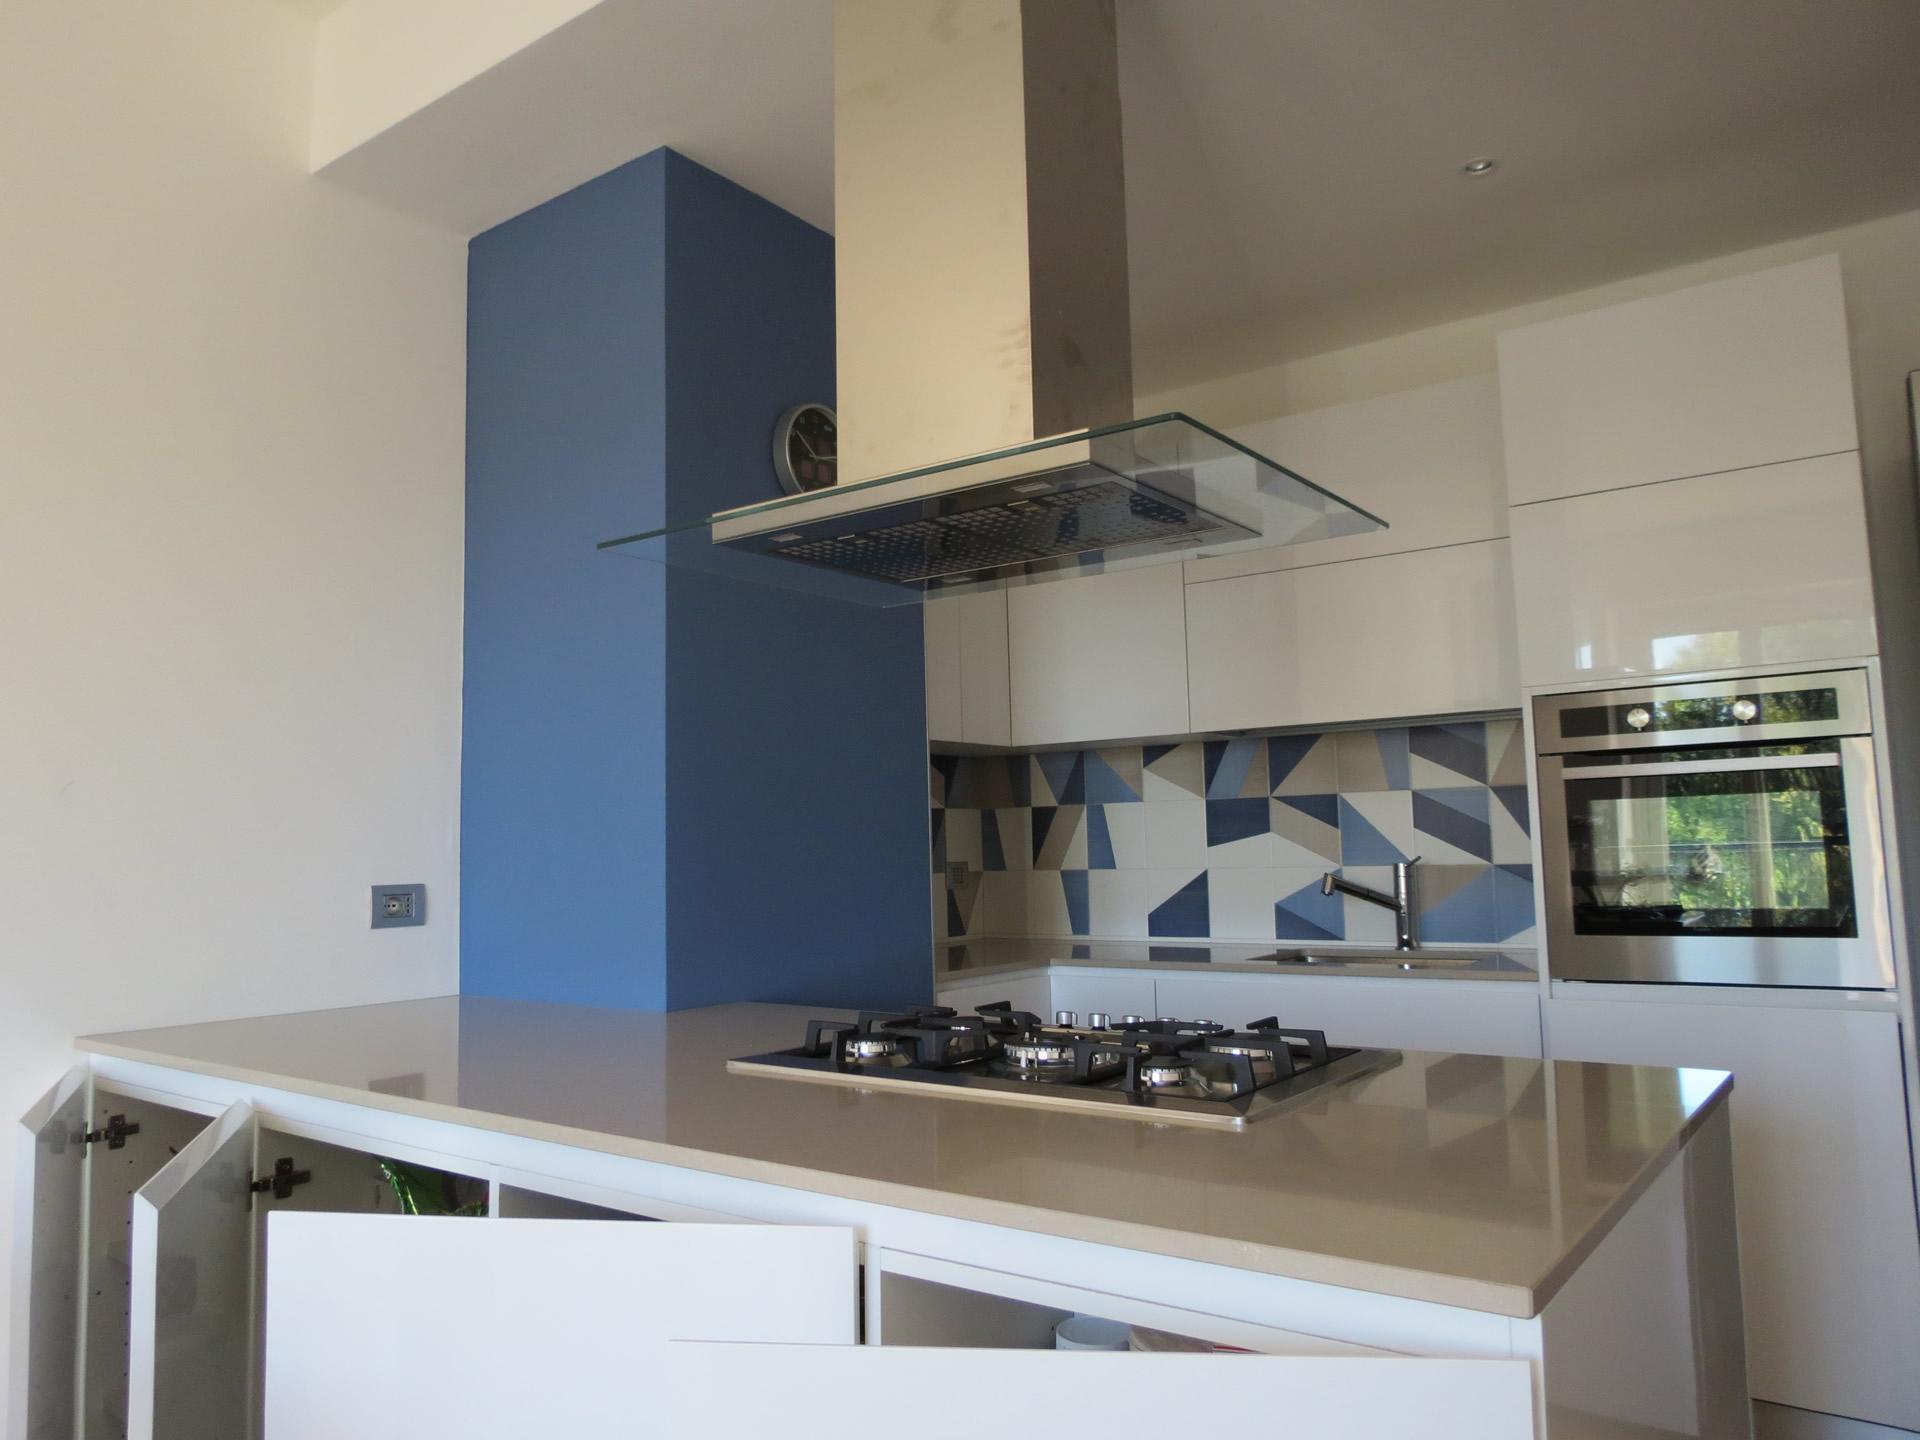 Cucina laccata bianco lucido top silestone e rivestimento ceramichebardelli - Rivestimento cucina bianco ...